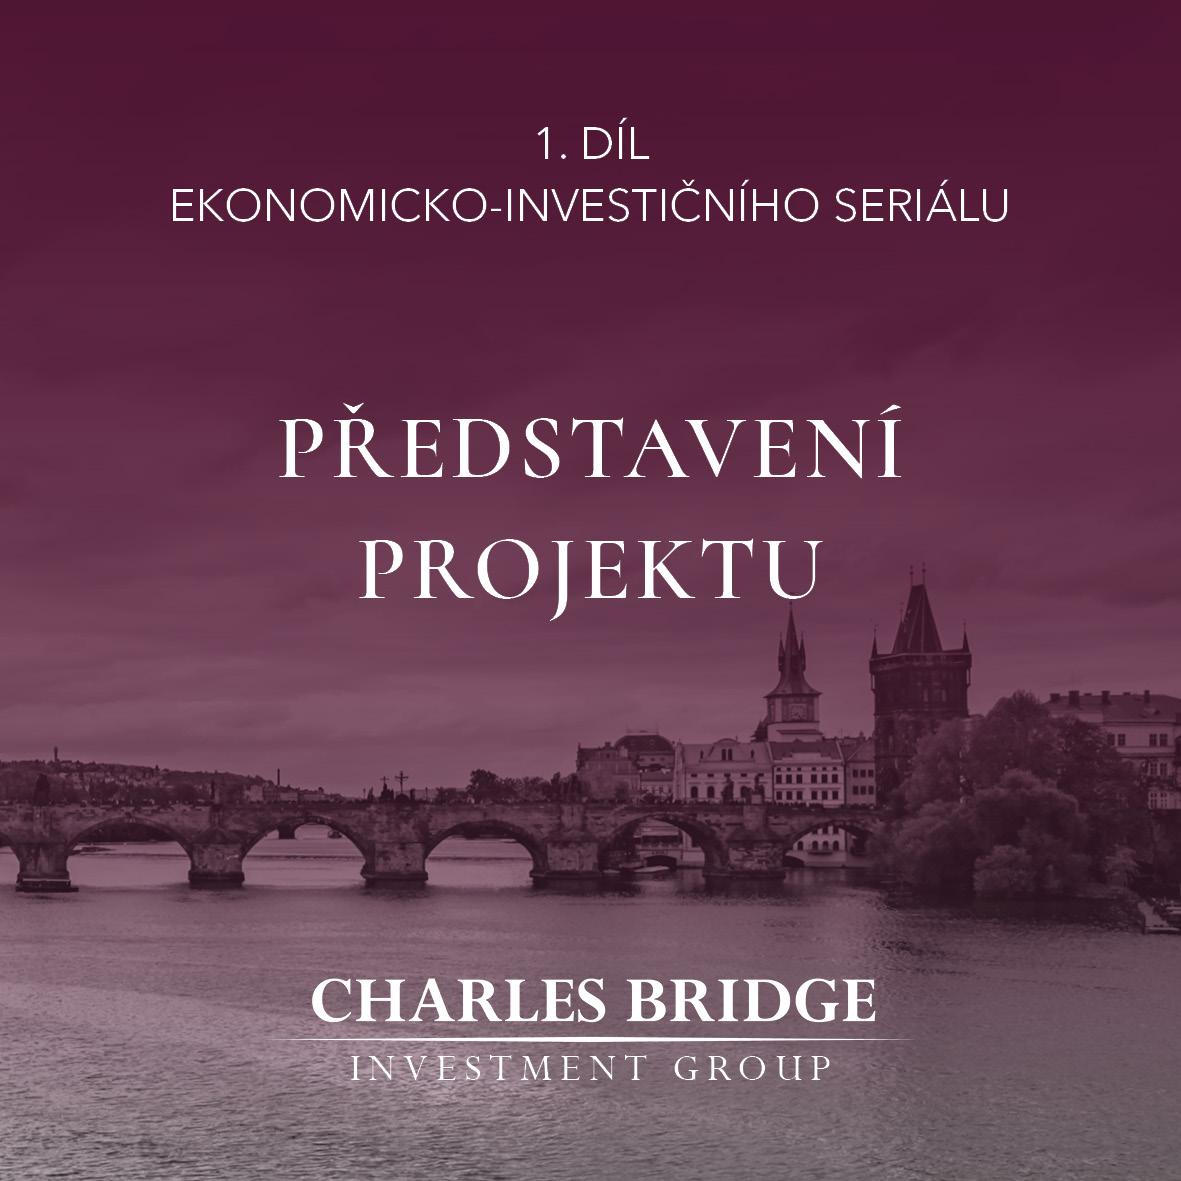 Úvod k ekonomicko-investiční analýze nemovitostního trhu pro 3Q 2020